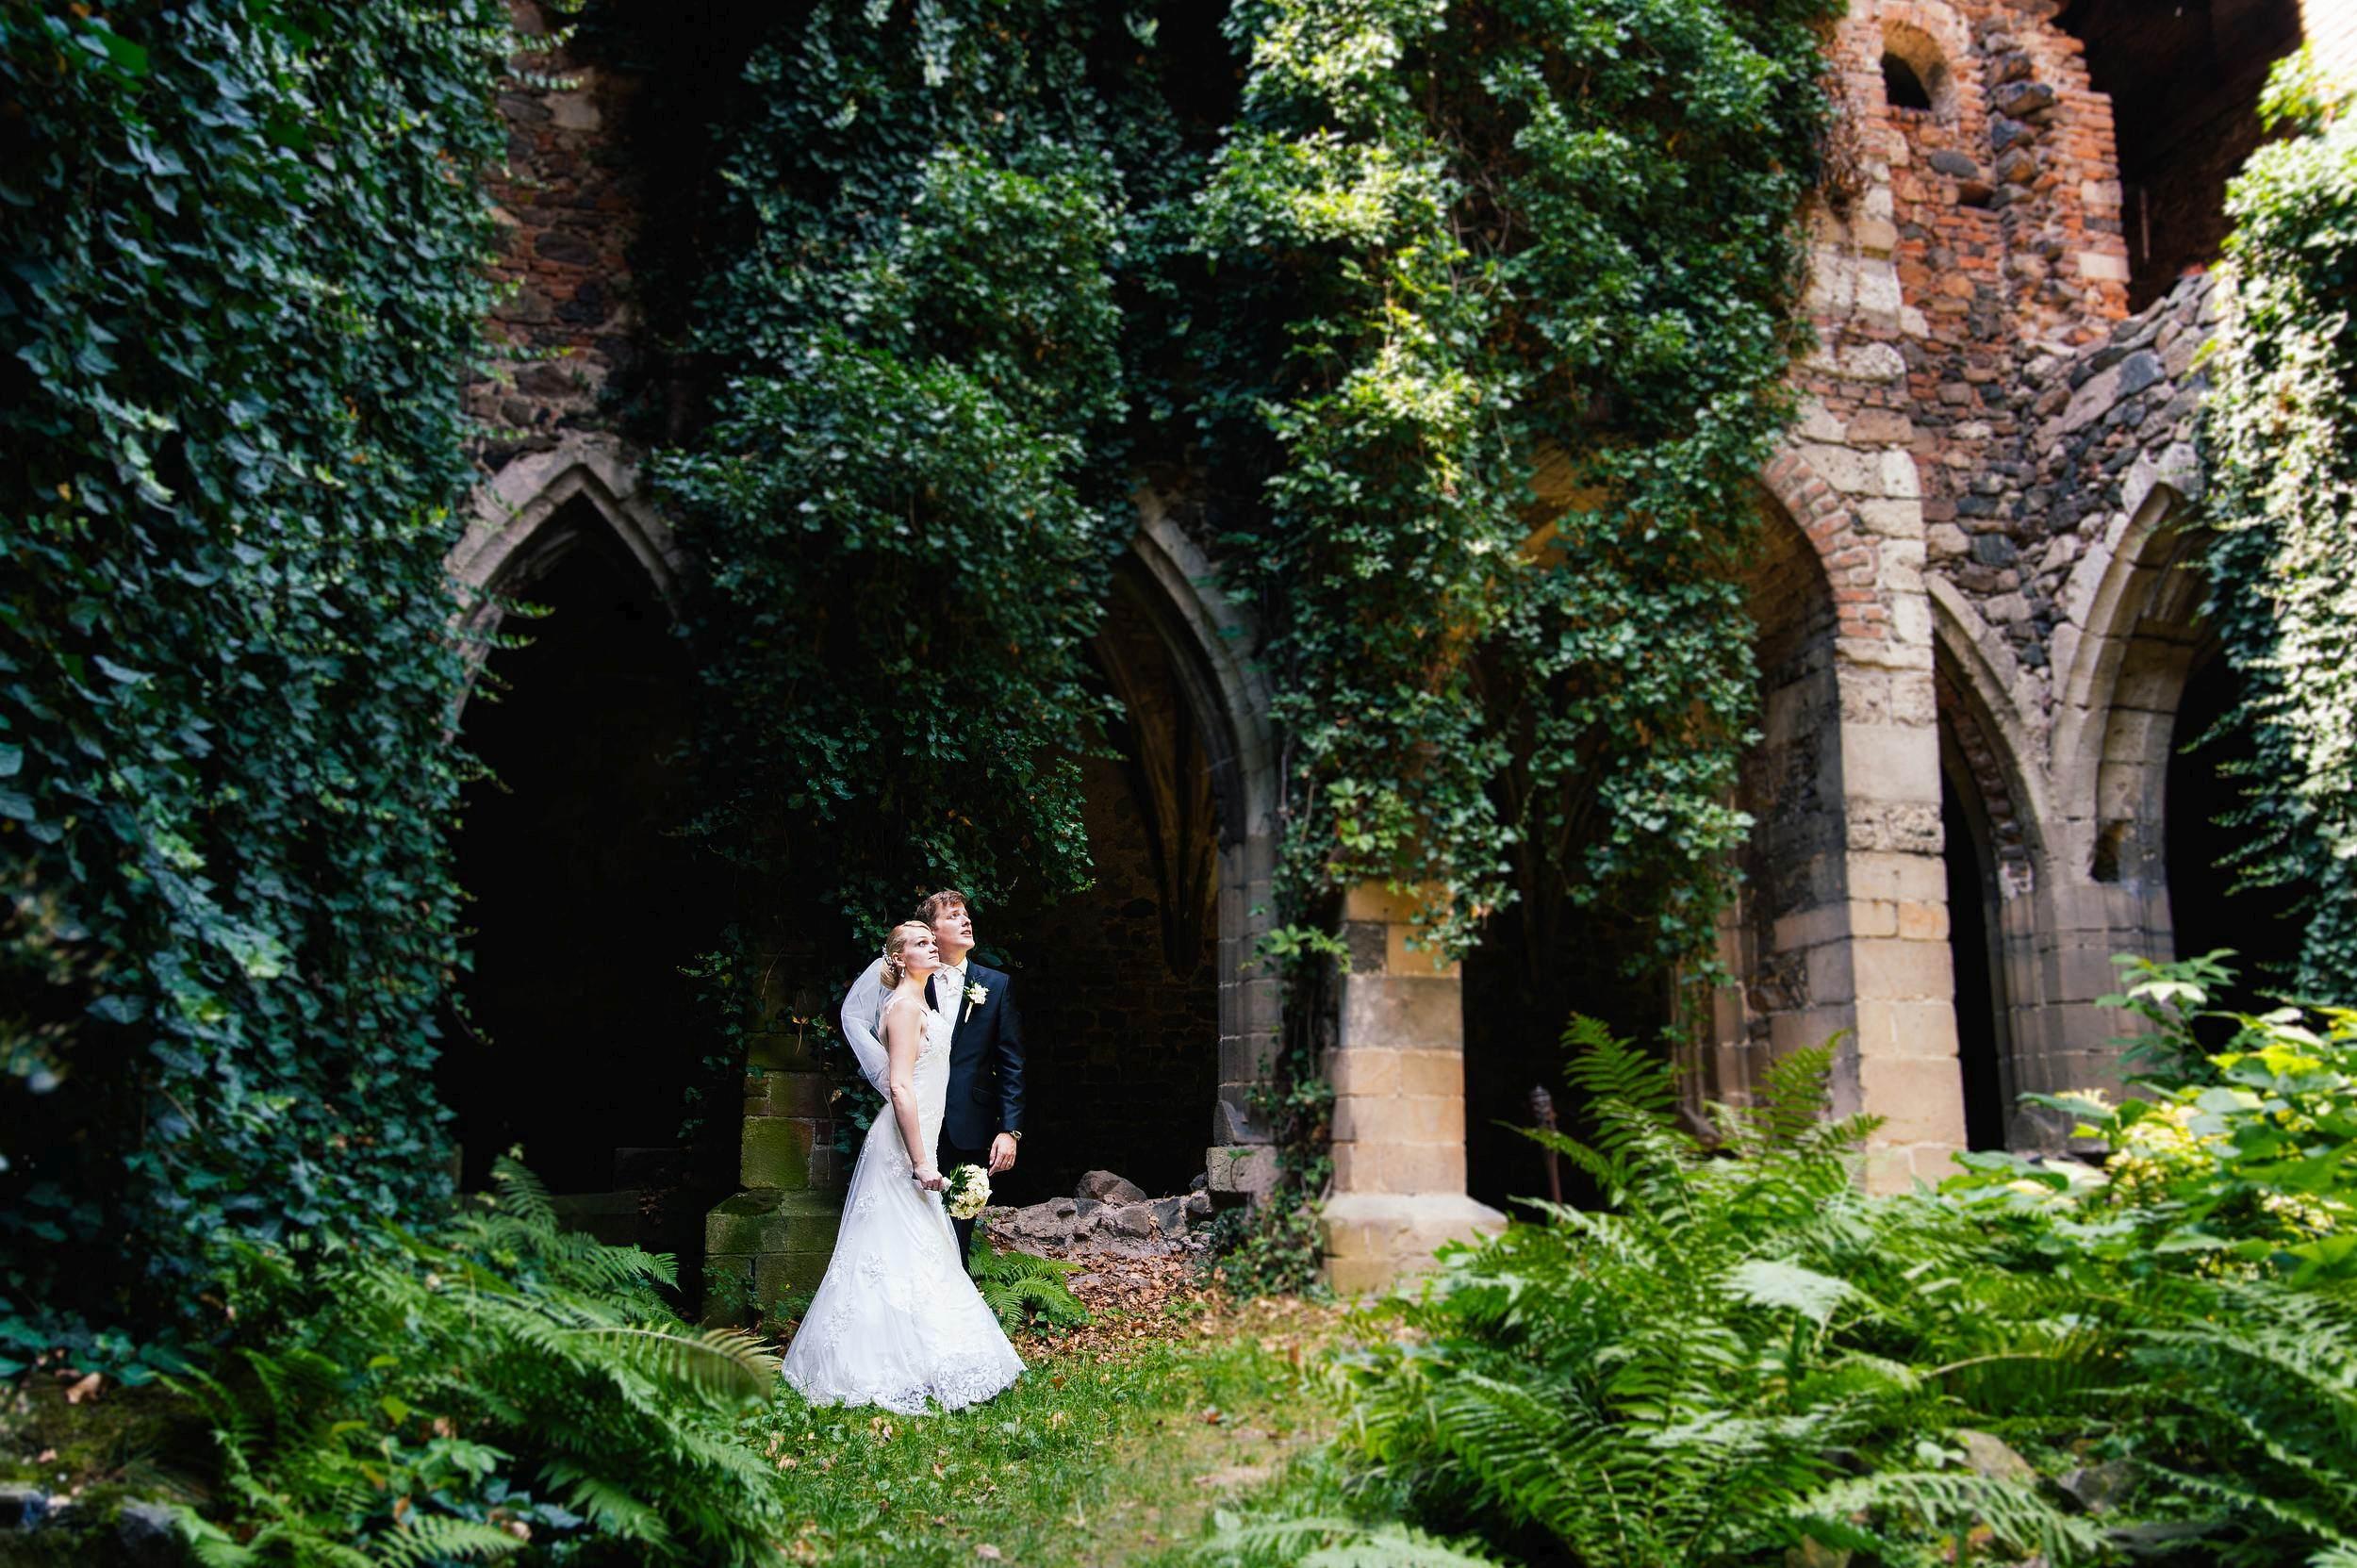 Svatební fotograf, Dolní Kounice, klášter Rosa Coeli, jižní Morava